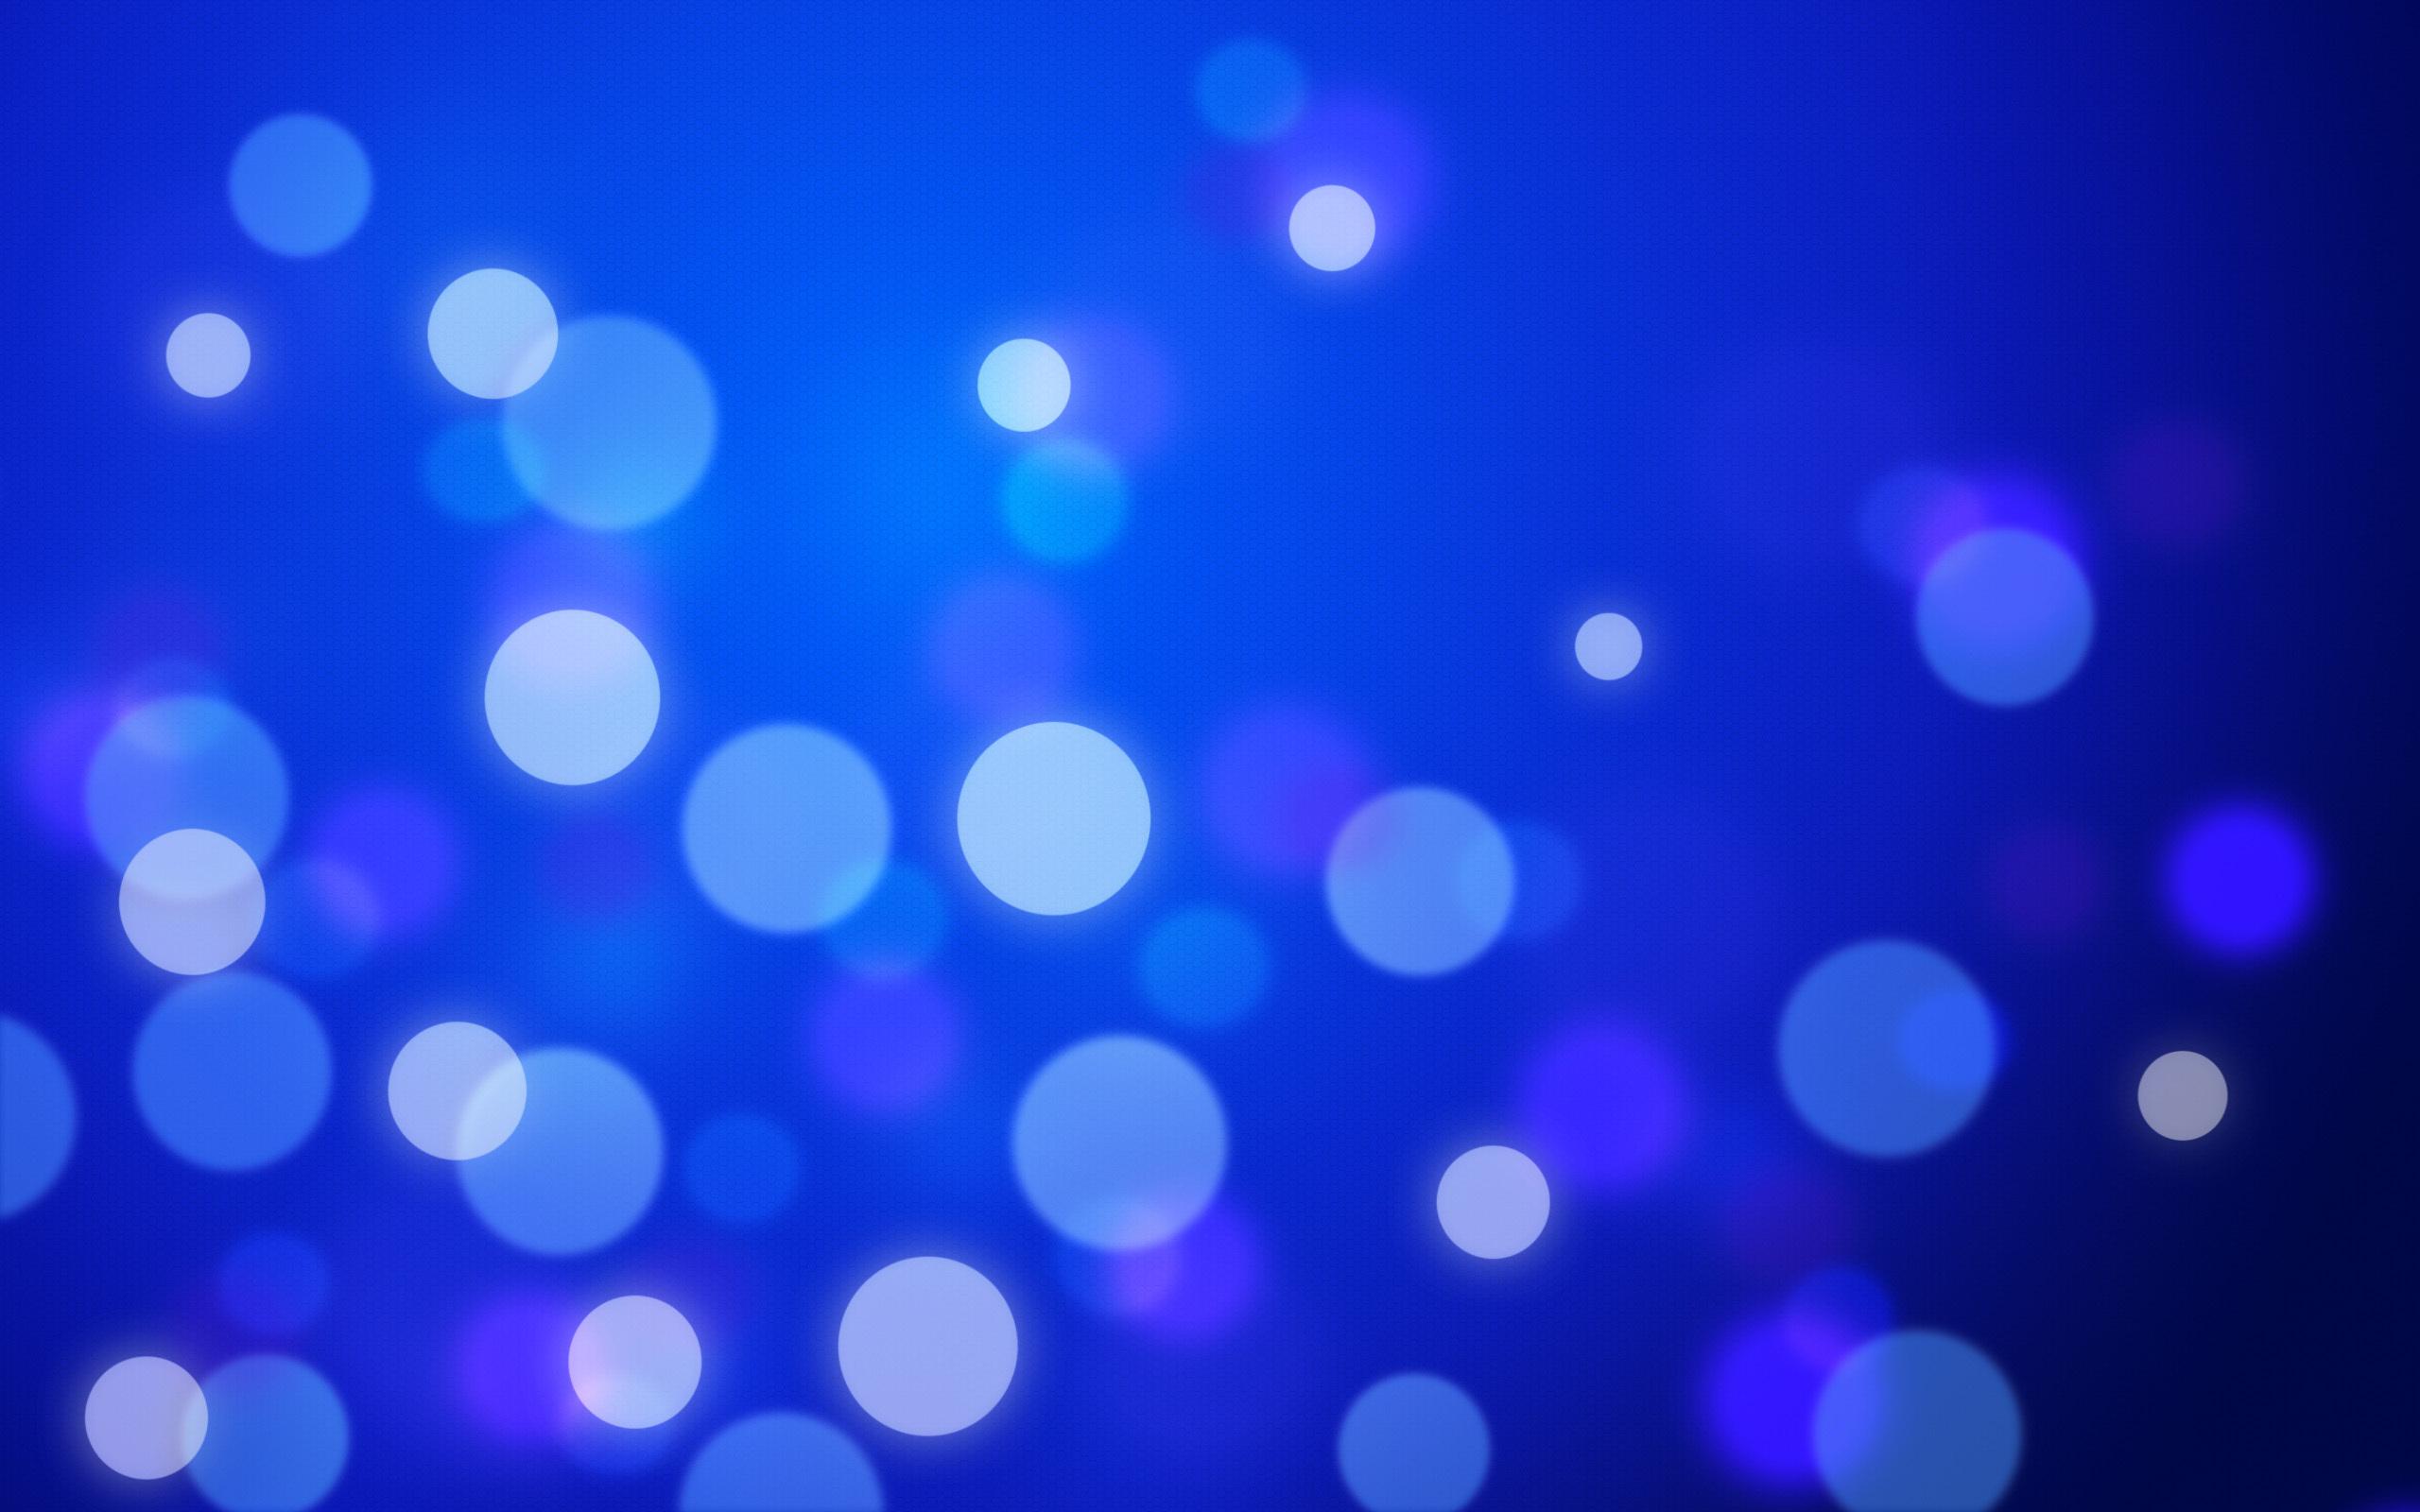 Круги свеяение свет абстракция  № 3671050 бесплатно